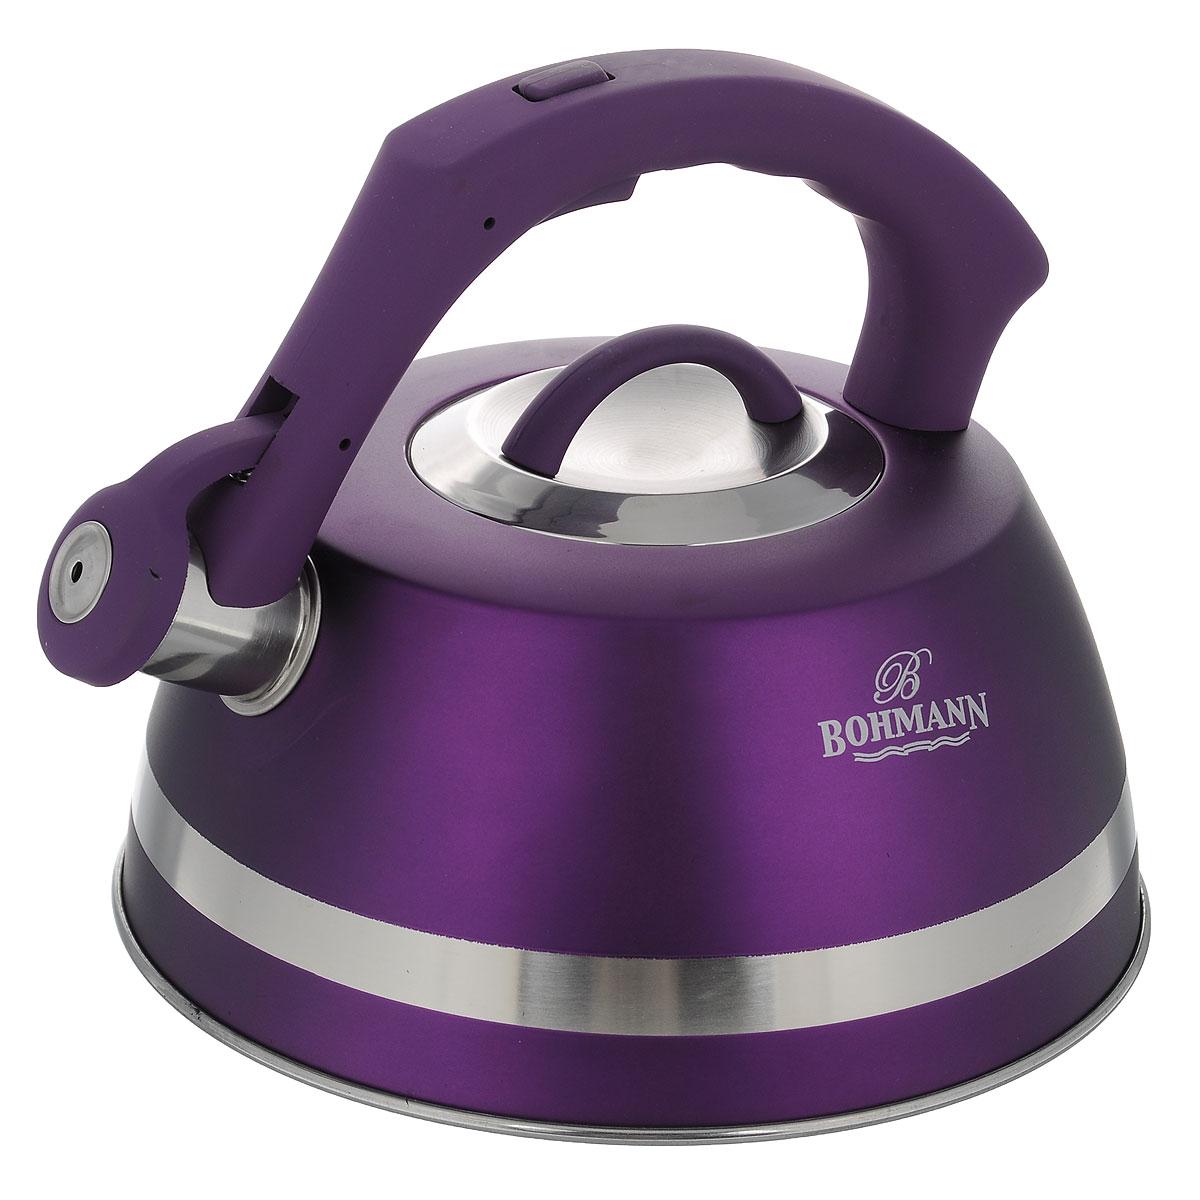 Чайник Bohmann со свистком, цвет: фиолетовый, 3,5 л. BH - 9967VT-1520(SR)Чайник Bohmann изготовлен из высококачественной нержавеющей стали с матовым цветным покрытием. Фиксированная ручка изготовлена из бакелита с прорезиненным покрытием. Носик чайника оснащен откидным свистком, звуковой сигнал которого подскажет, когда закипит вода. Свисток открывается нажатием кнопки на ручке.Чайник Bohmann - качественное исполнение и стильное решение для вашей кухни. Подходит для использования на газовых, стеклокерамических, электрических, галогеновых и индукционных плитах. Нельзя мыть в посудомоечной машине.